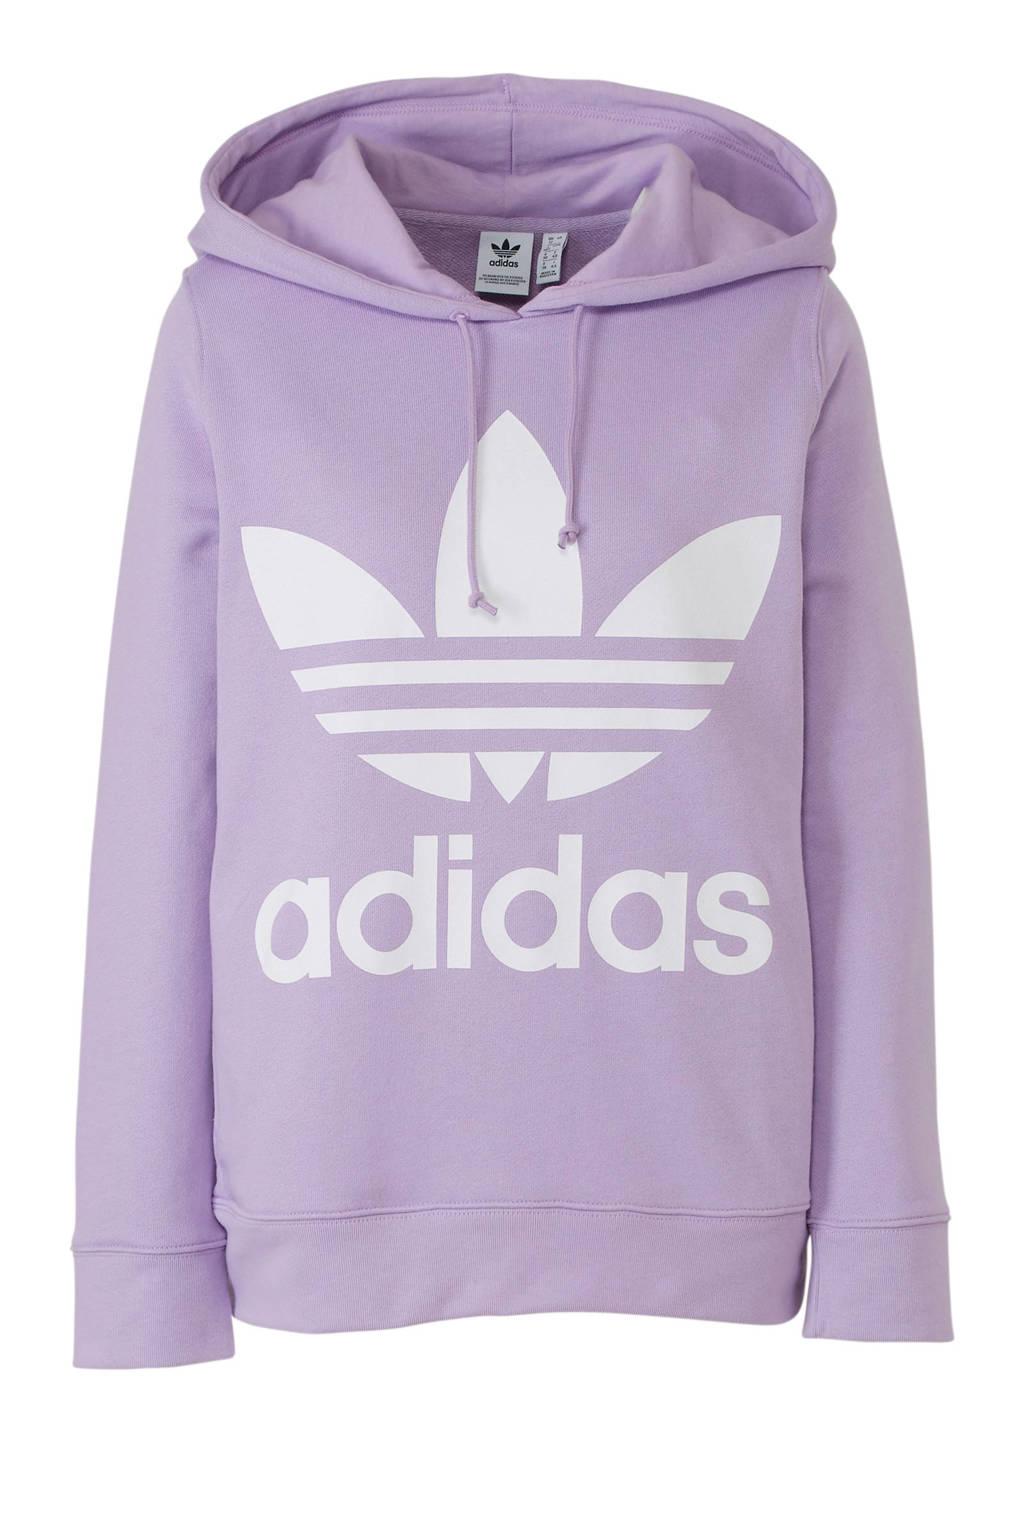 adidas originals hoodie paars, Paars/wit